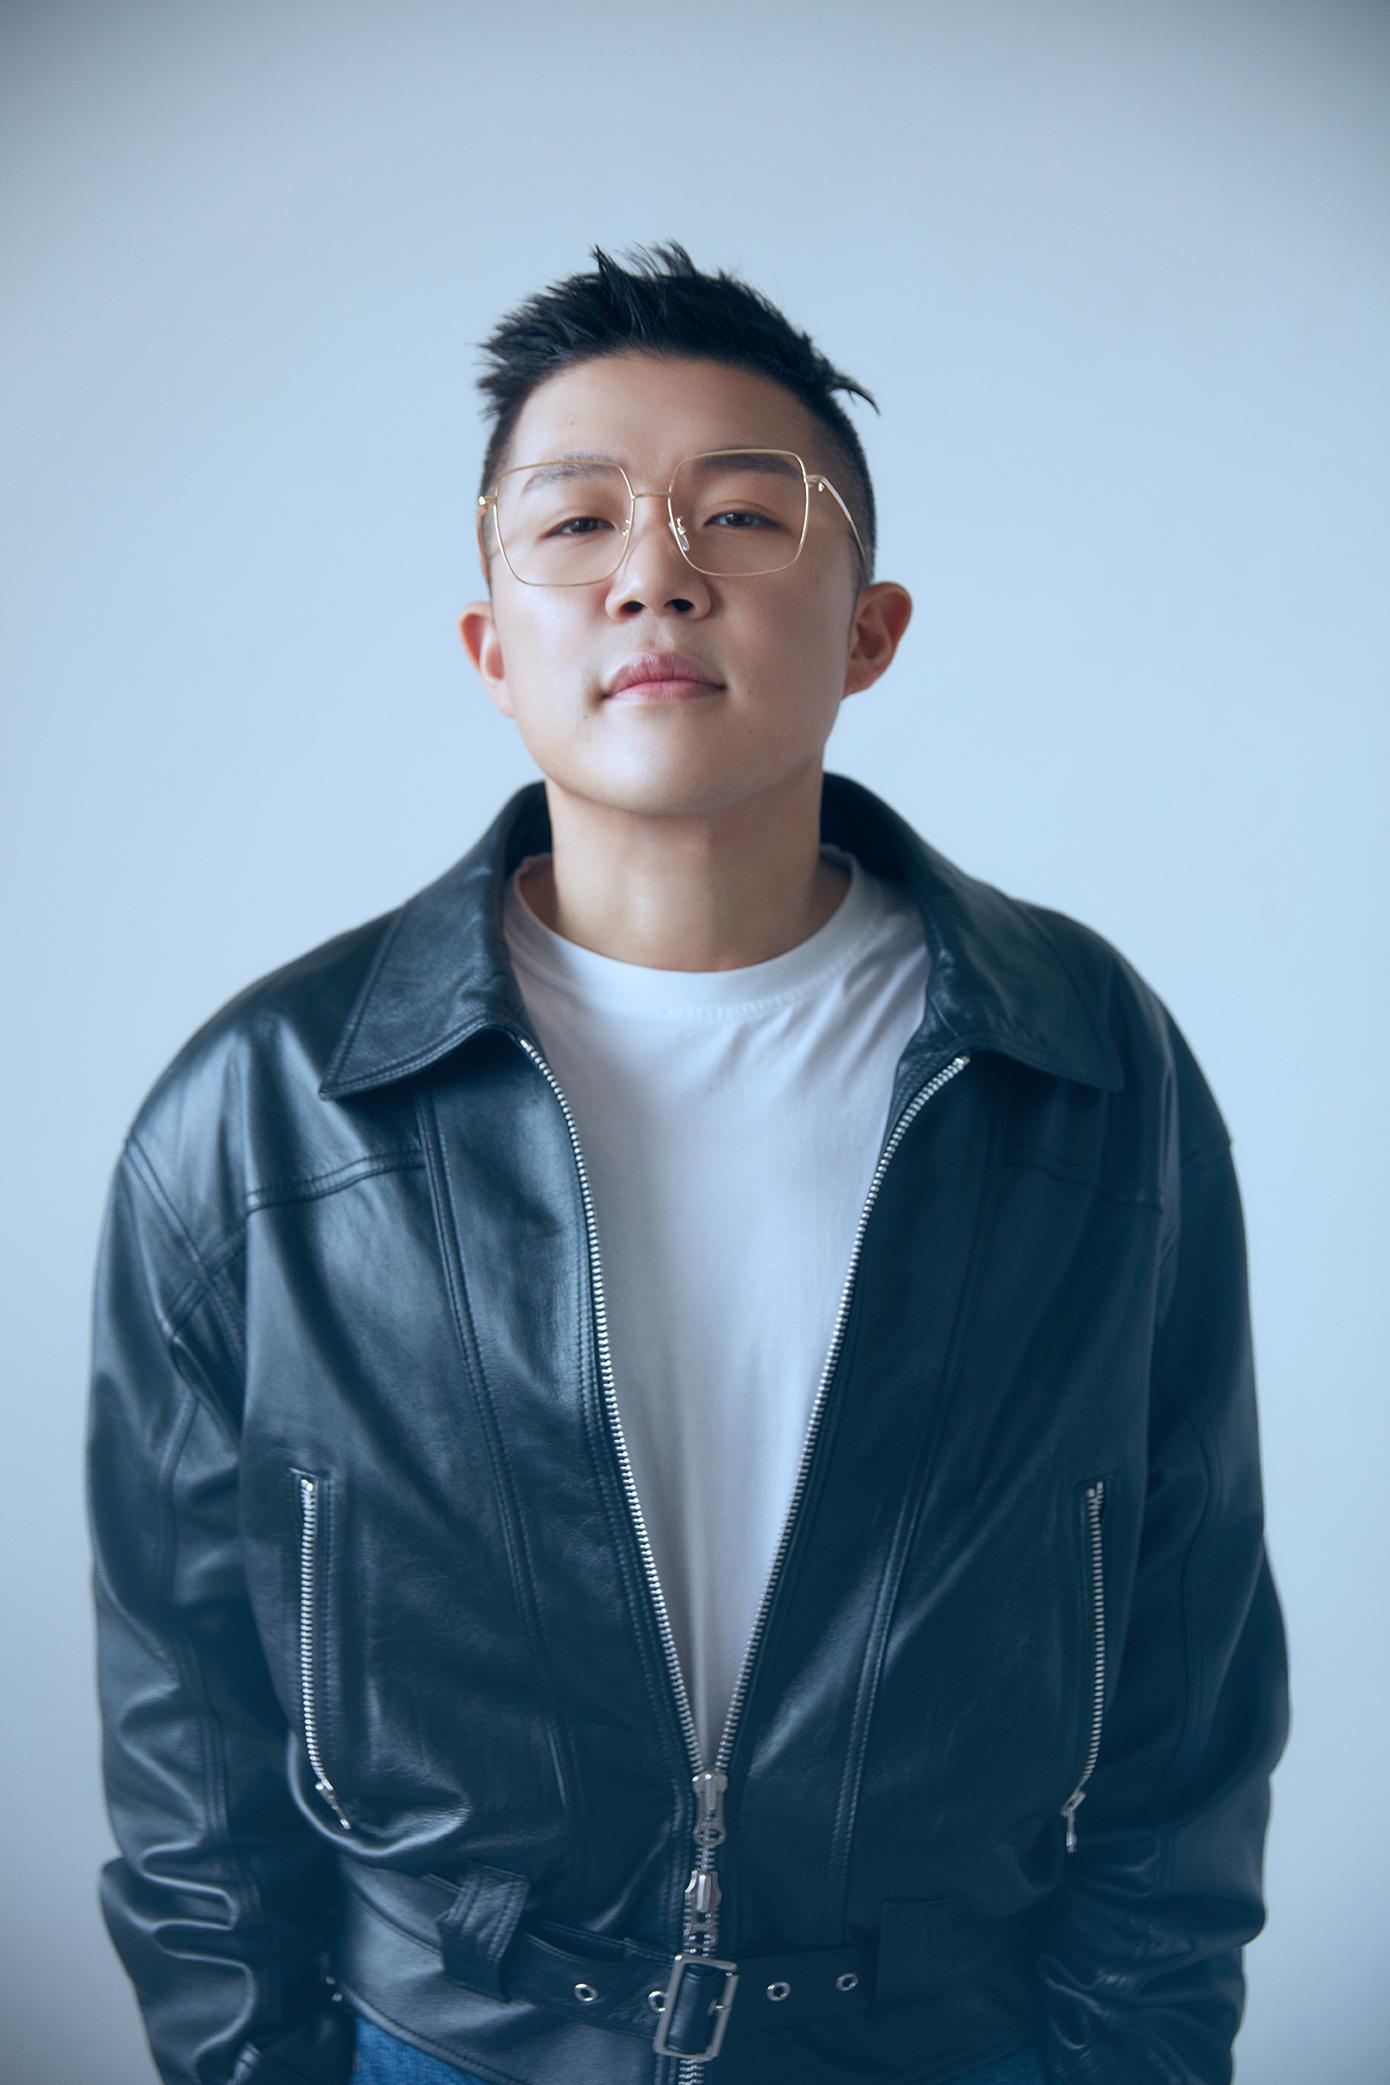 \'16kg 감량\' 조세호, 새 프로필 사진 공개